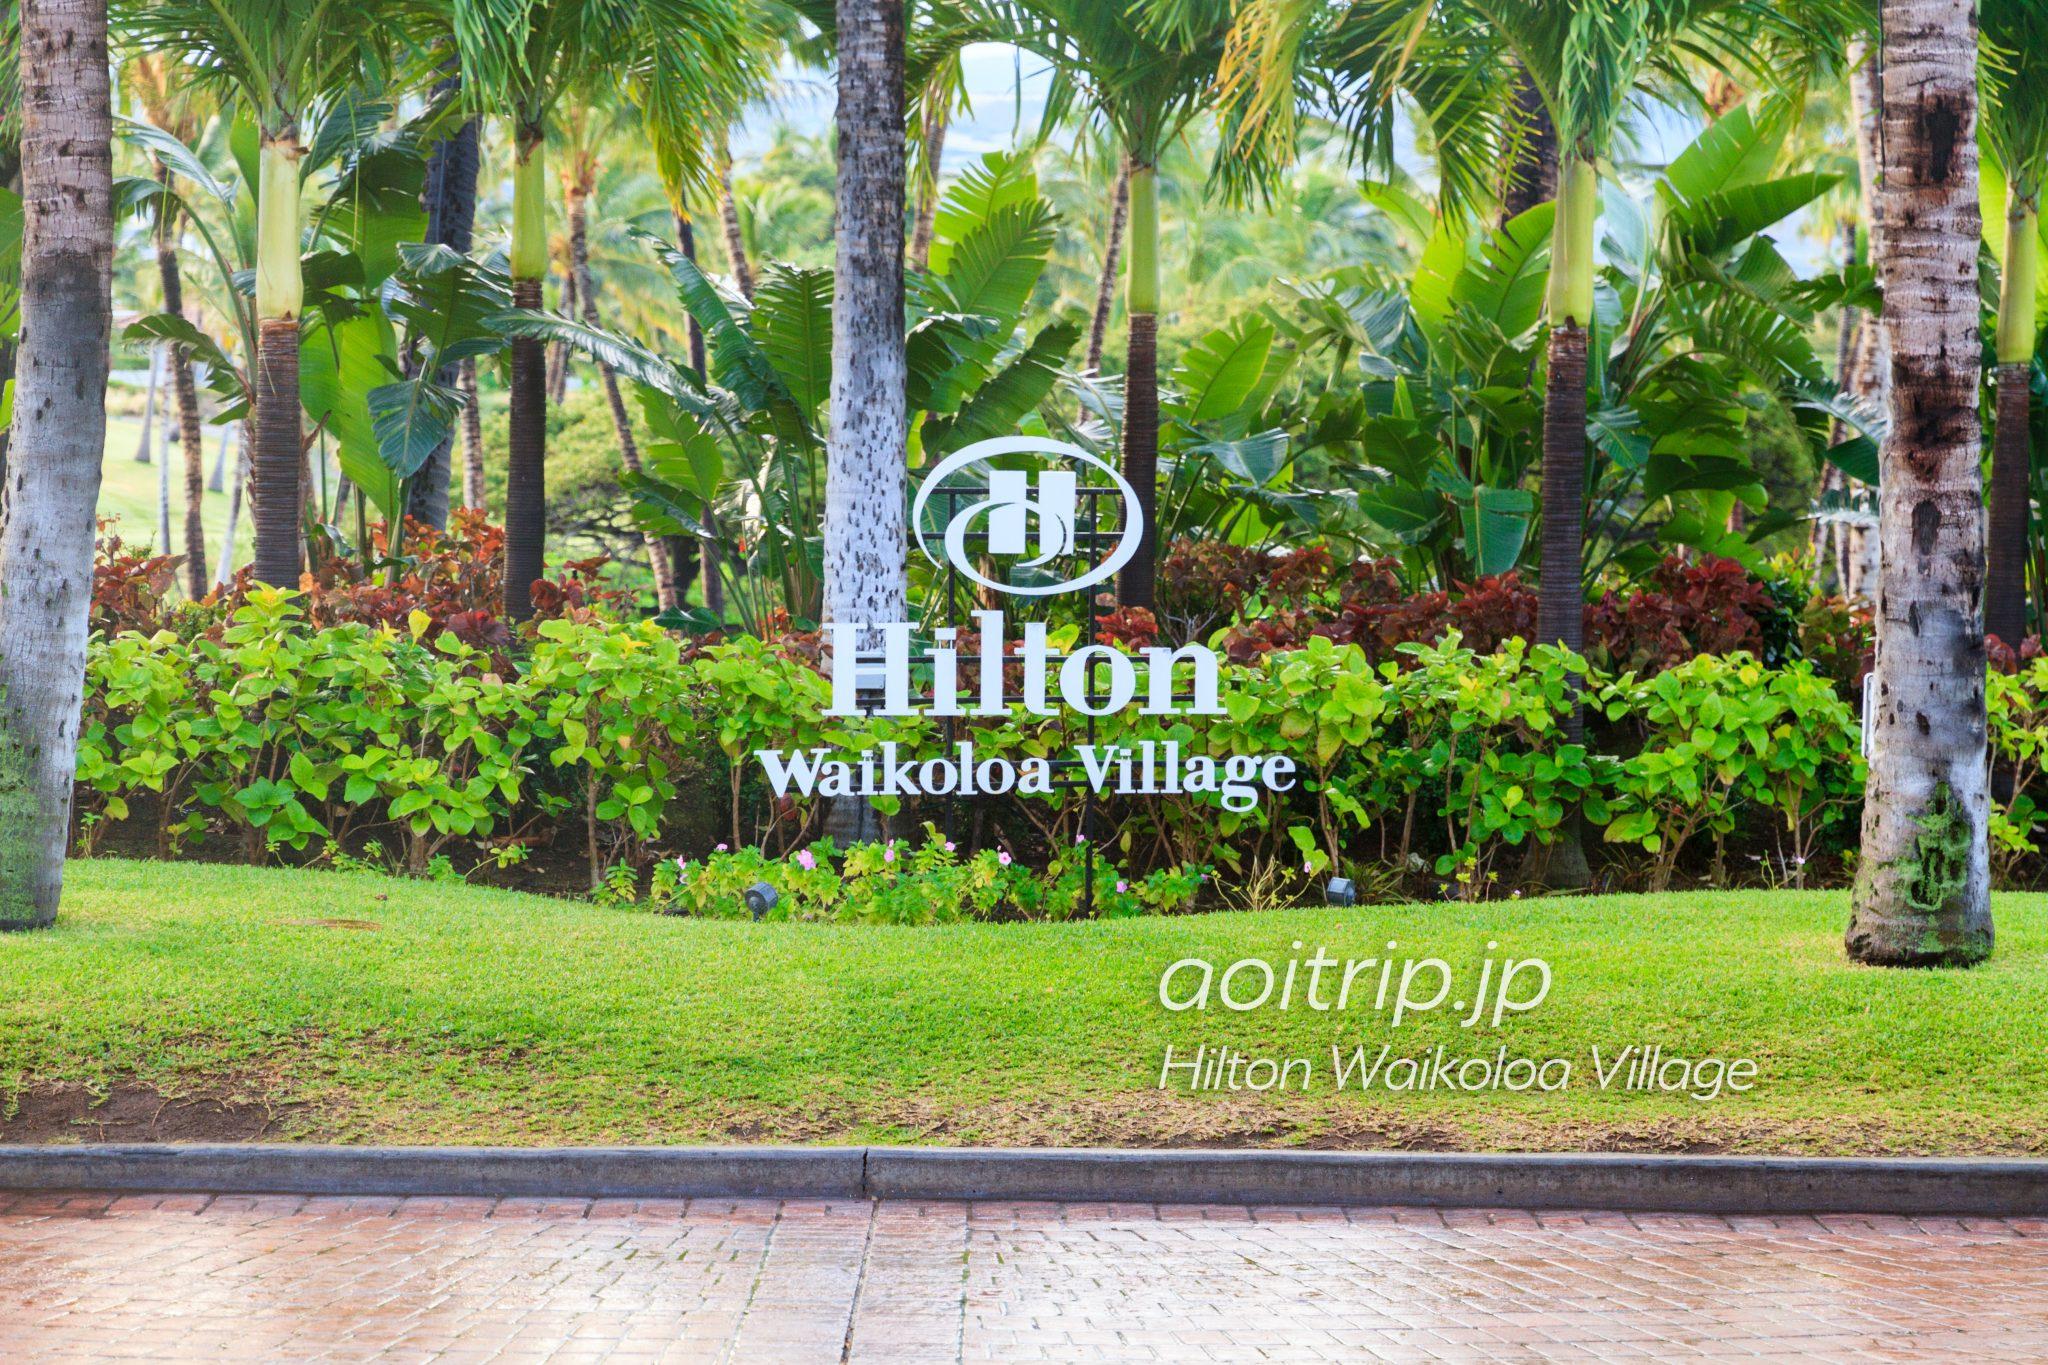 ヒルトン ワイコロア ビレッジ(Hilton Waikoloa Village)